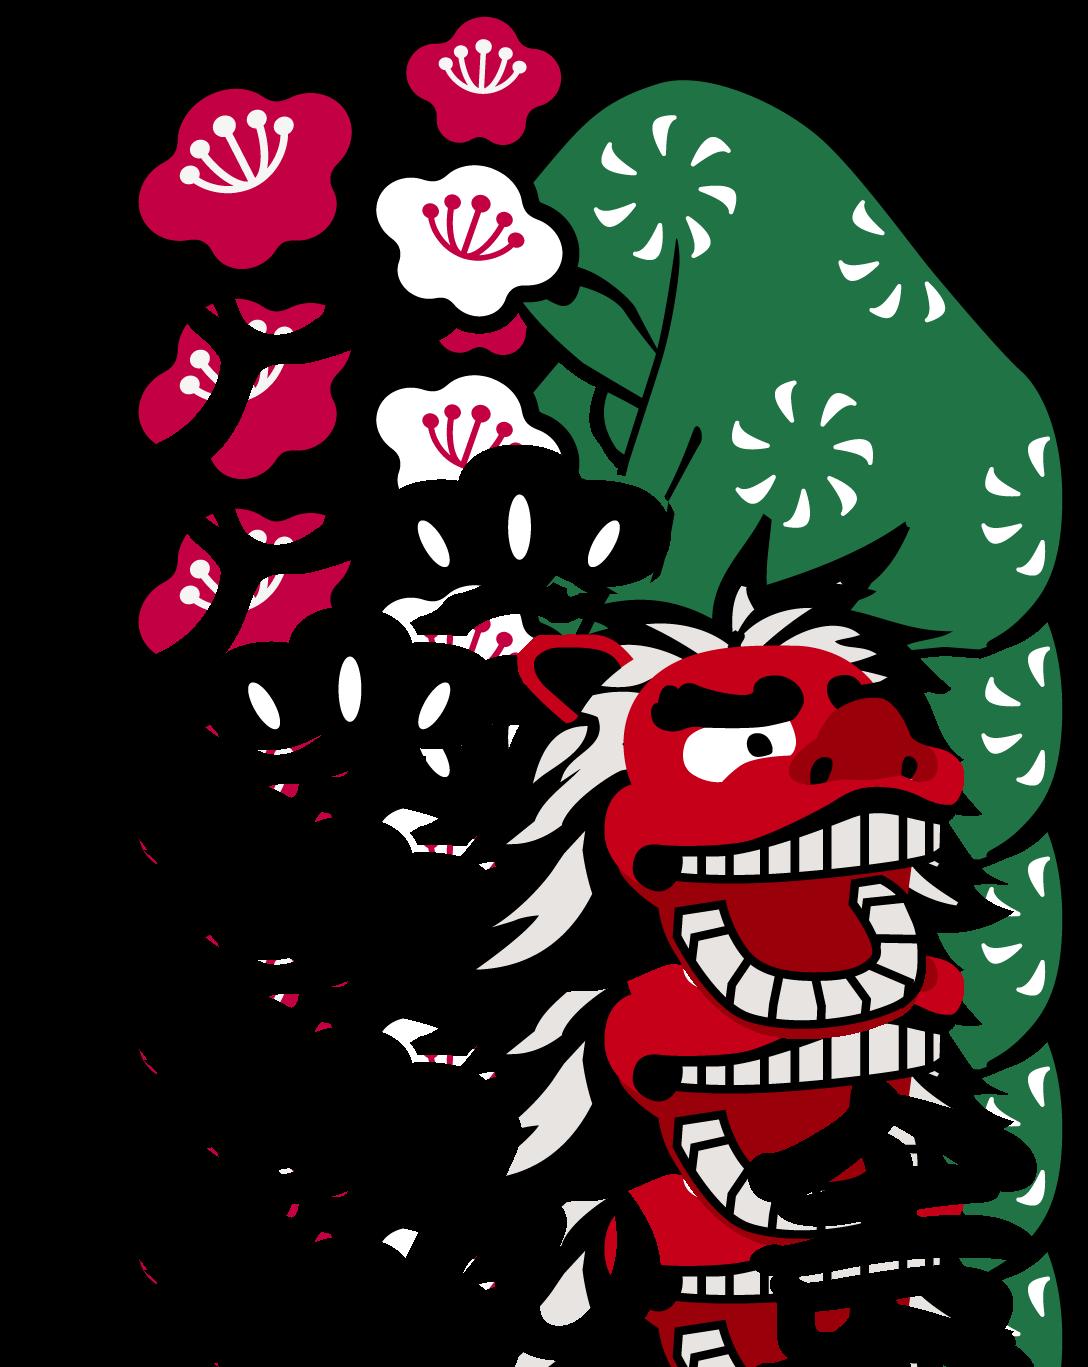 イベント業と親しみ/優しいとマルチカラーのロゴ